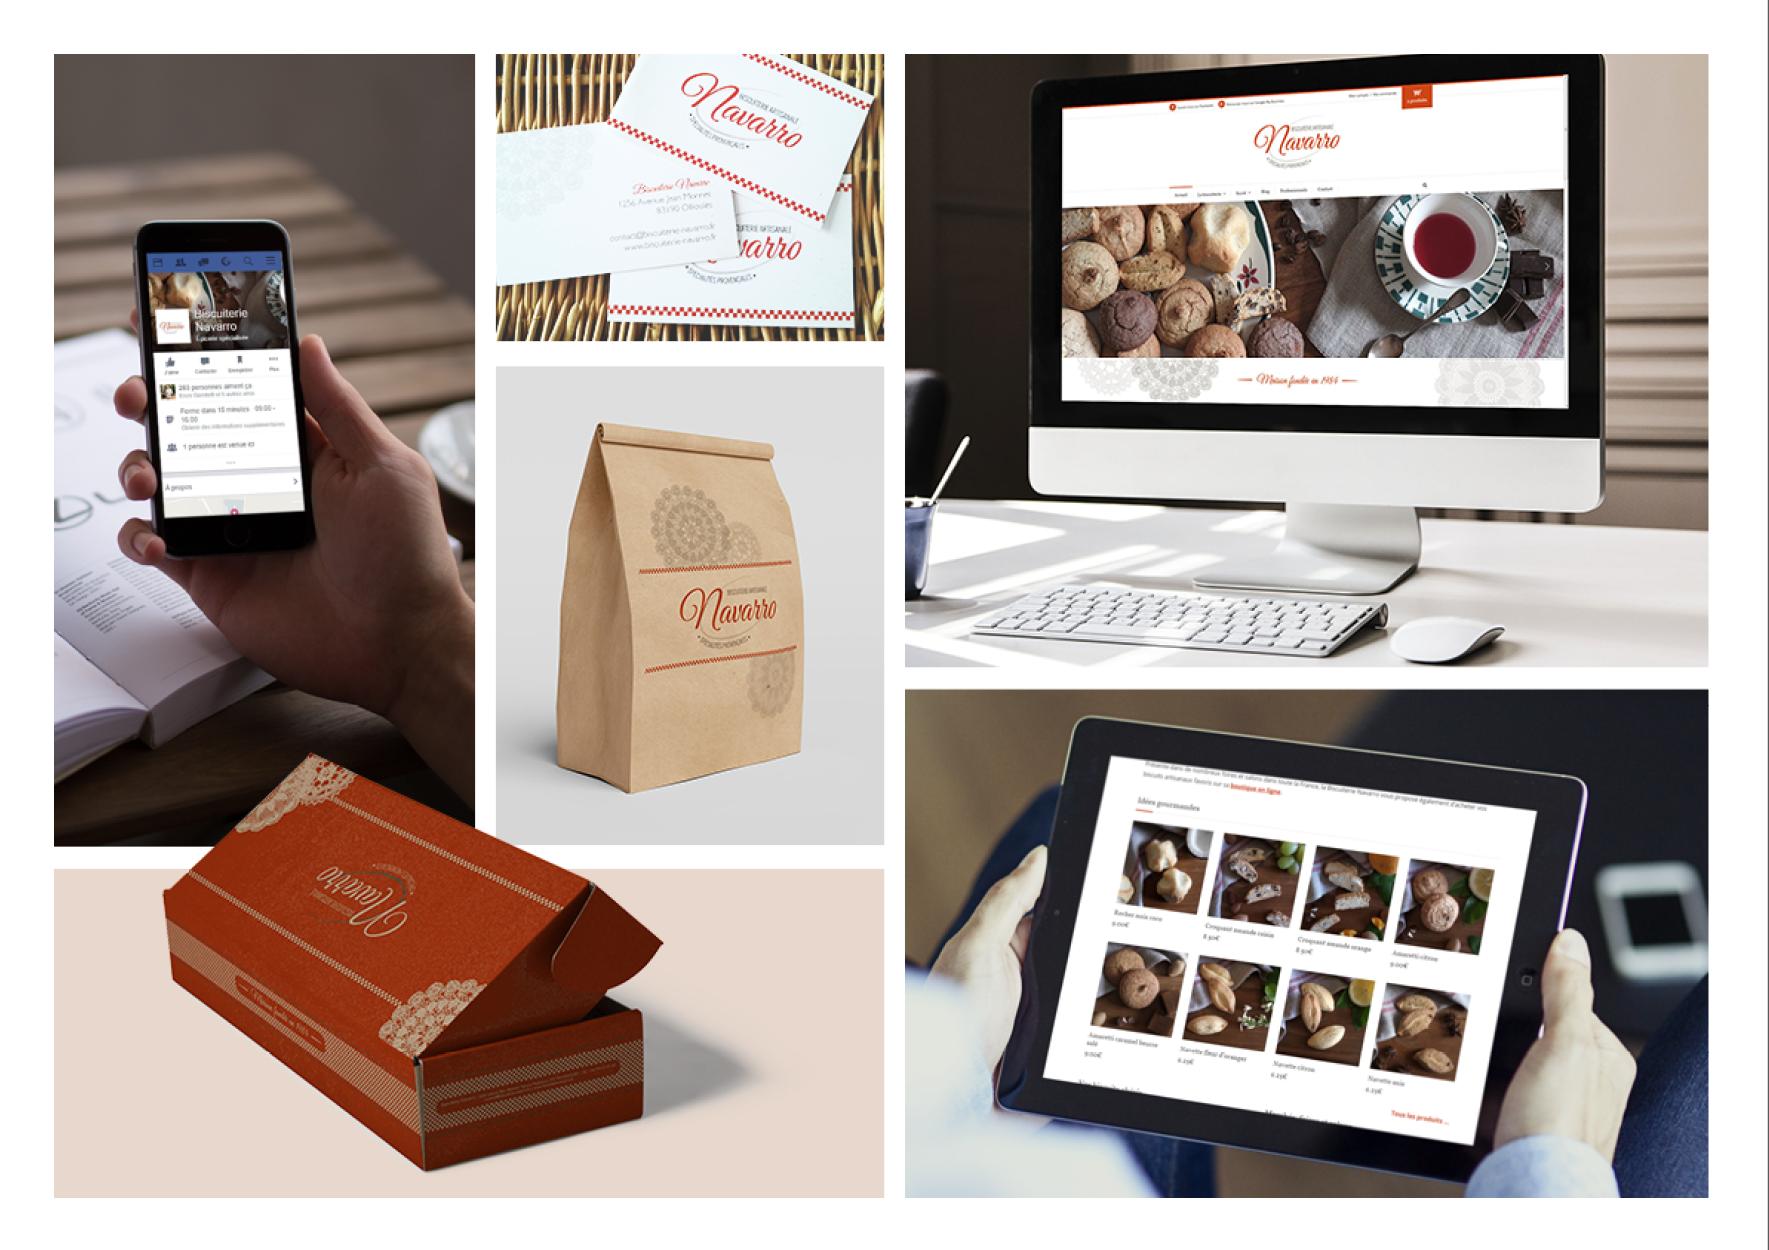 Site ecommerce Biscuiterie Navarro www.biscuiterie-navarro.fr. Missions : #webmarketing #brandcontent #SEO #wordpress #packaging et #identitegraphique. Création par Fourmi Volante